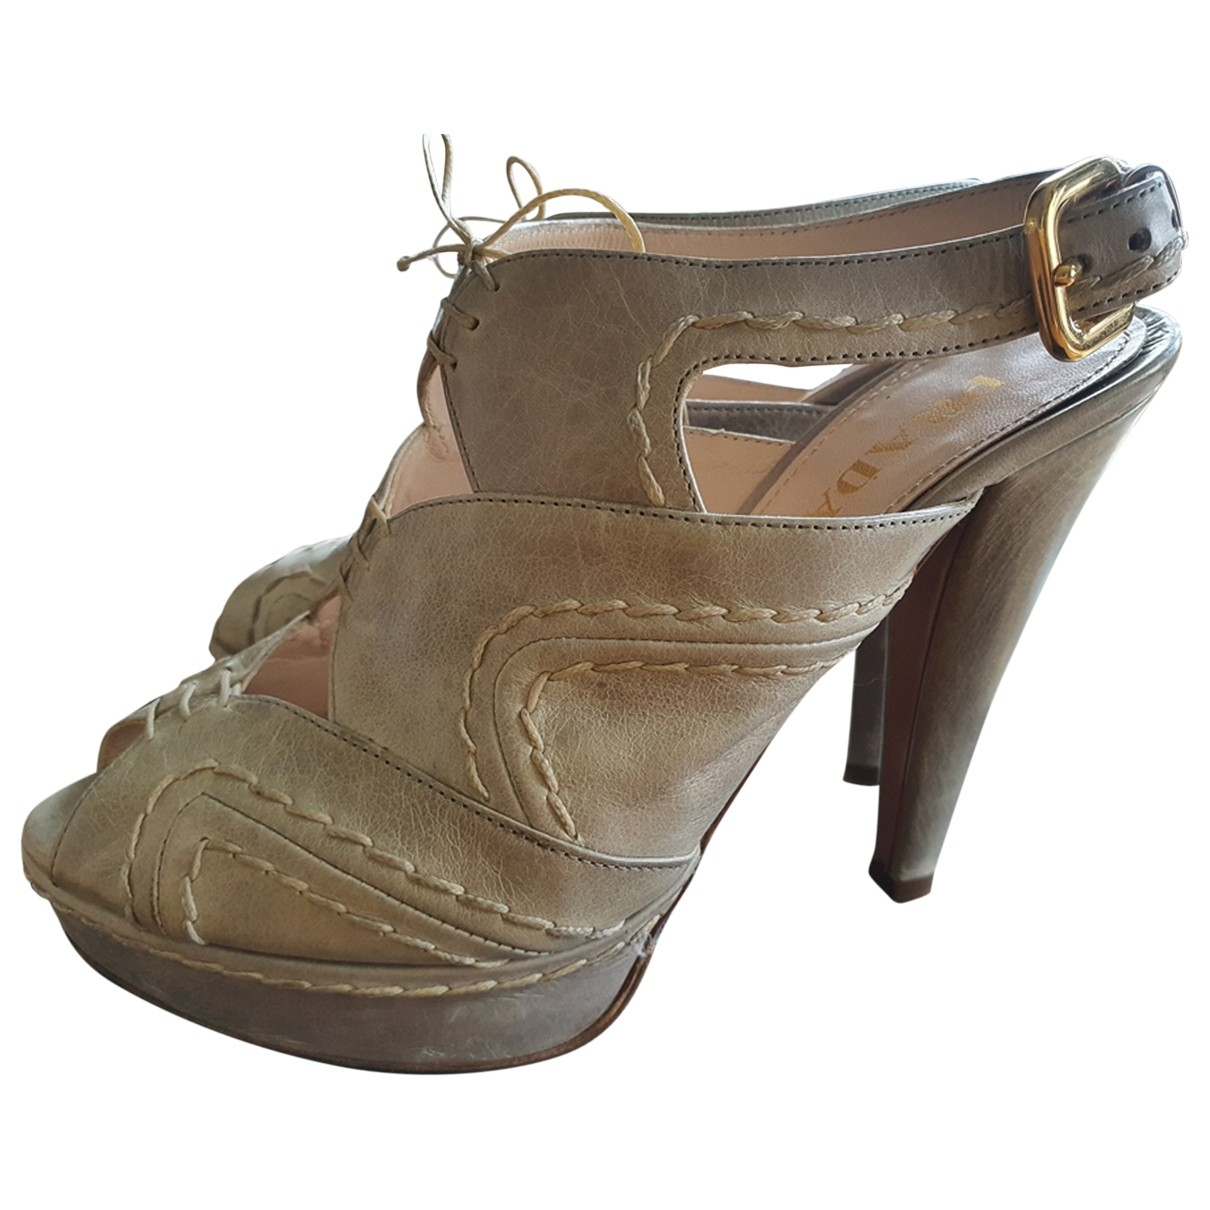 Prada \N Grey Leather Sandals for Women 35.5 EU